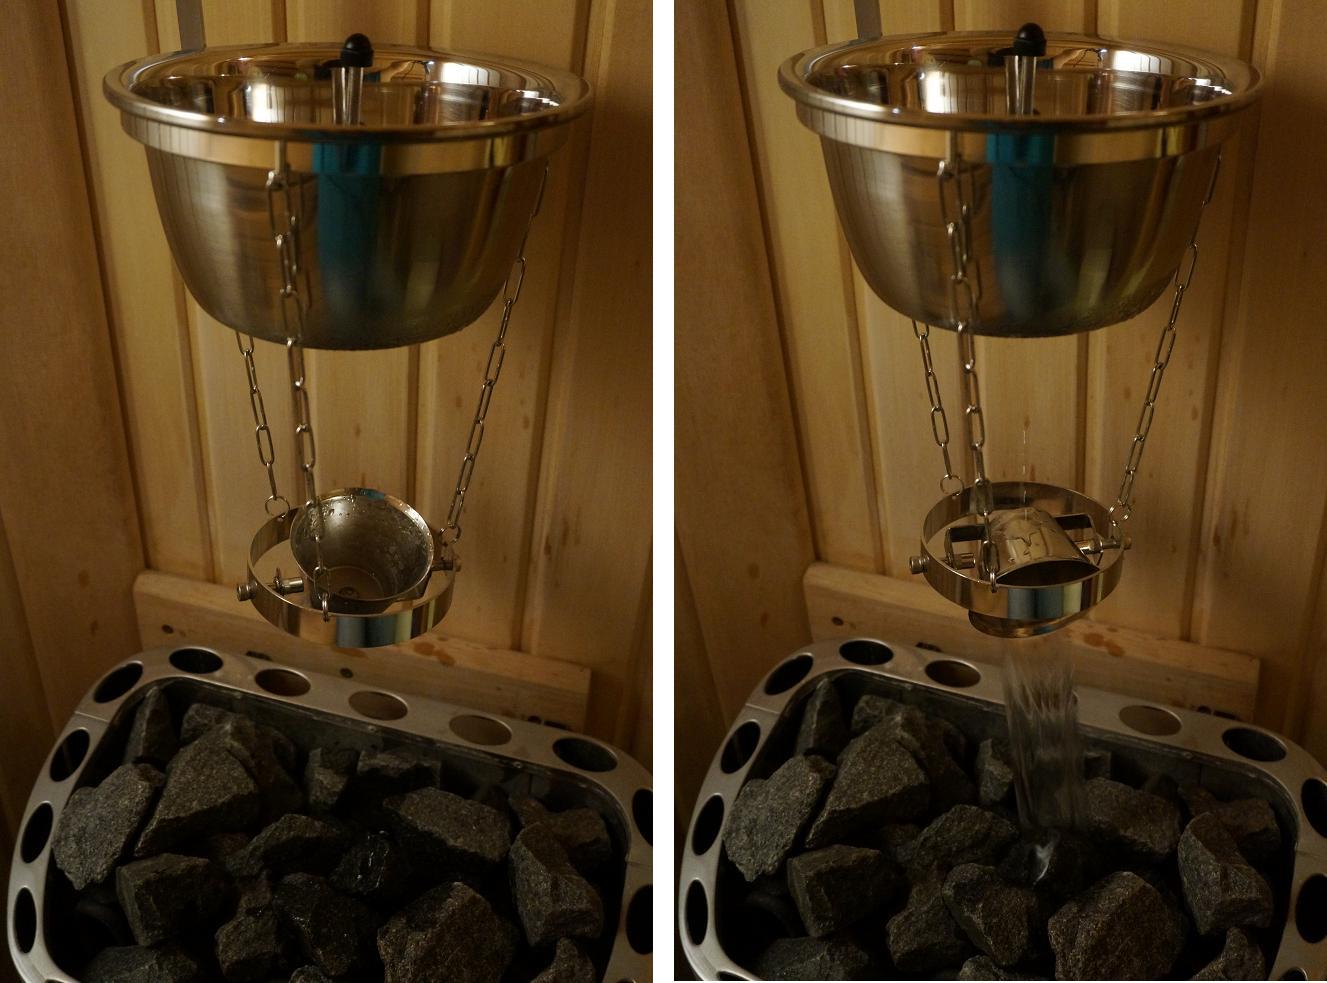 sauna polewajka automatyczna polewaczka kamieni wpiecu do sauny